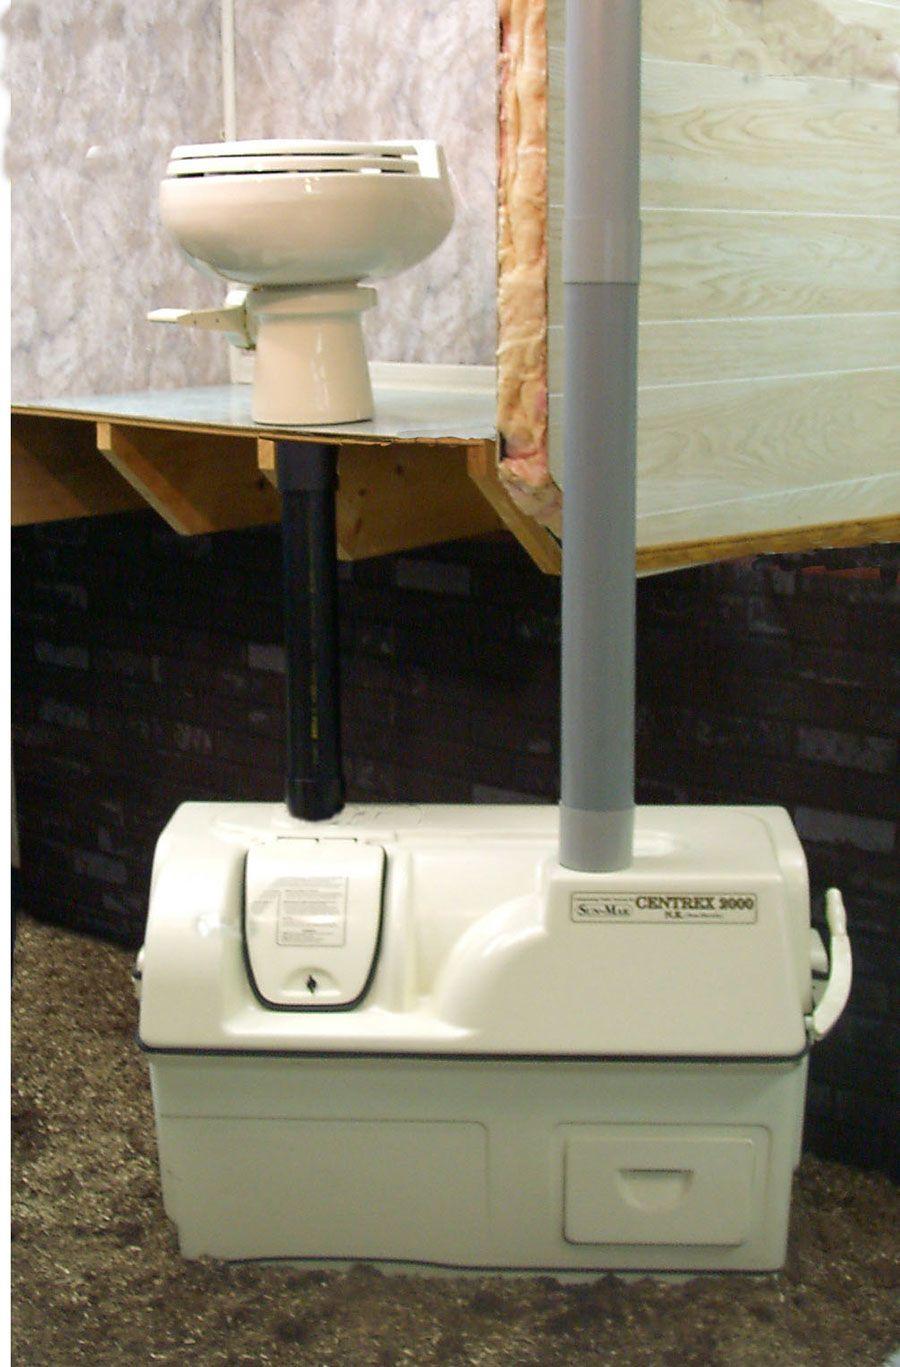 SunMar, Composting Toilet, Central Flush System Odor